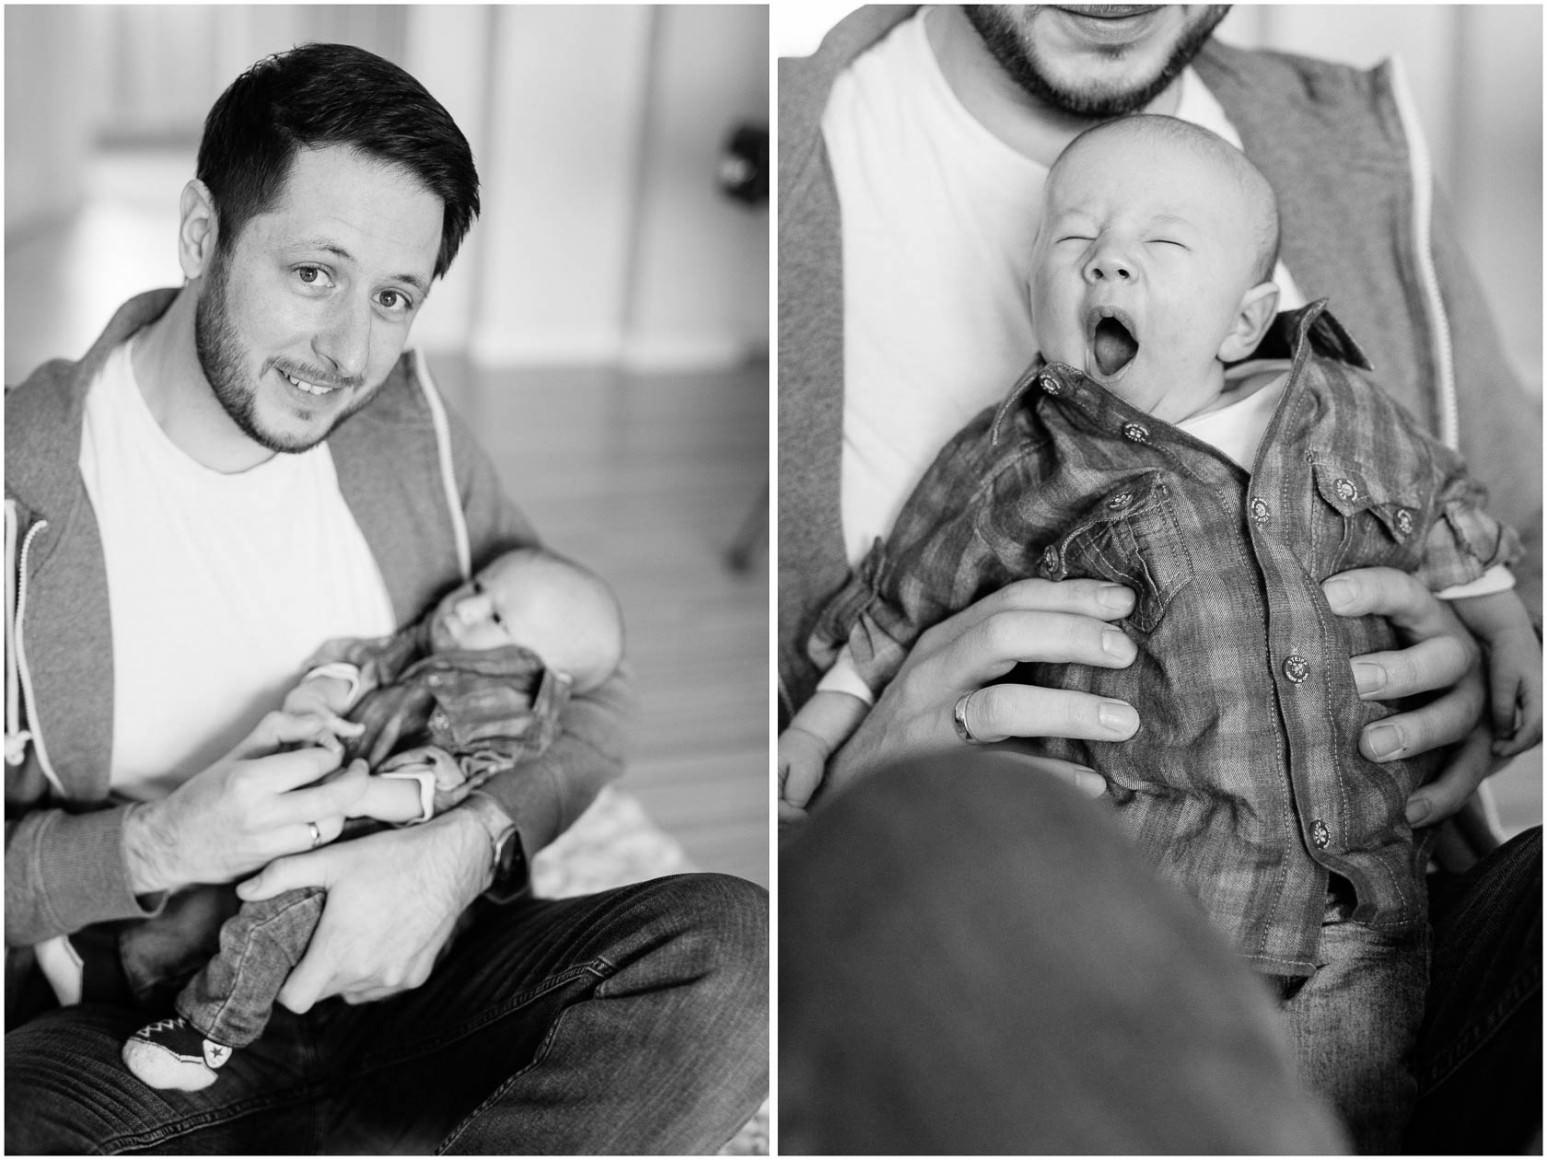 Entspannte Familienfotos in Schwarzweiss. Vater mit Sohn.